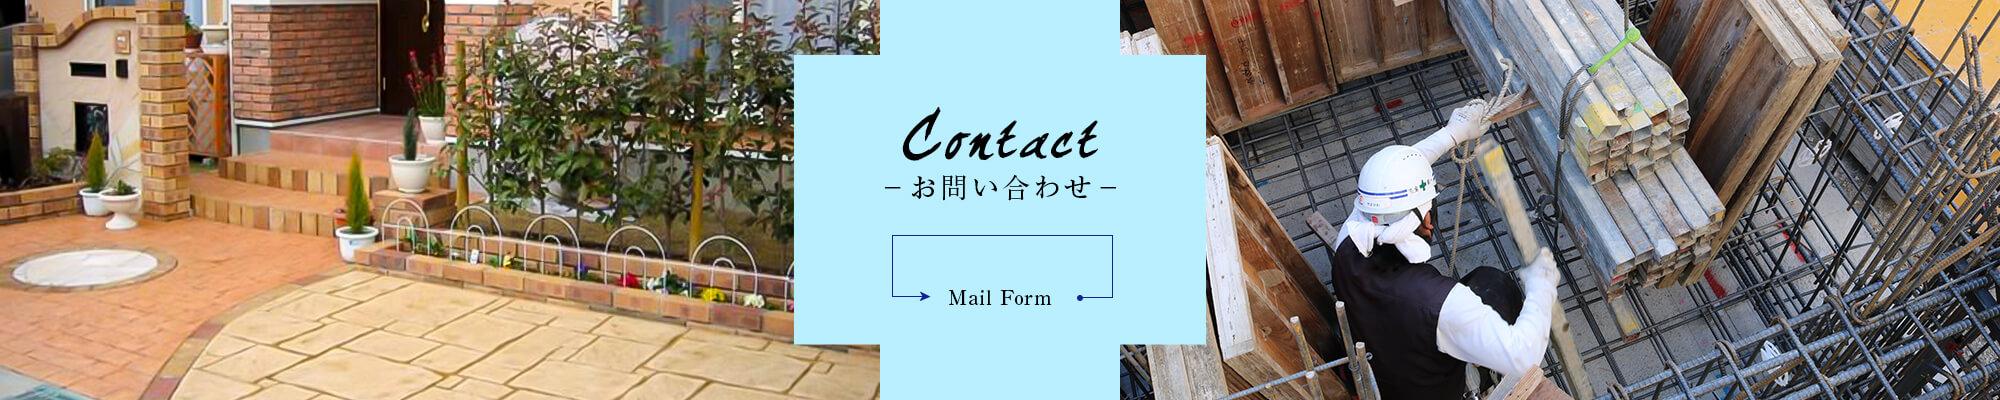 _bnr_contact